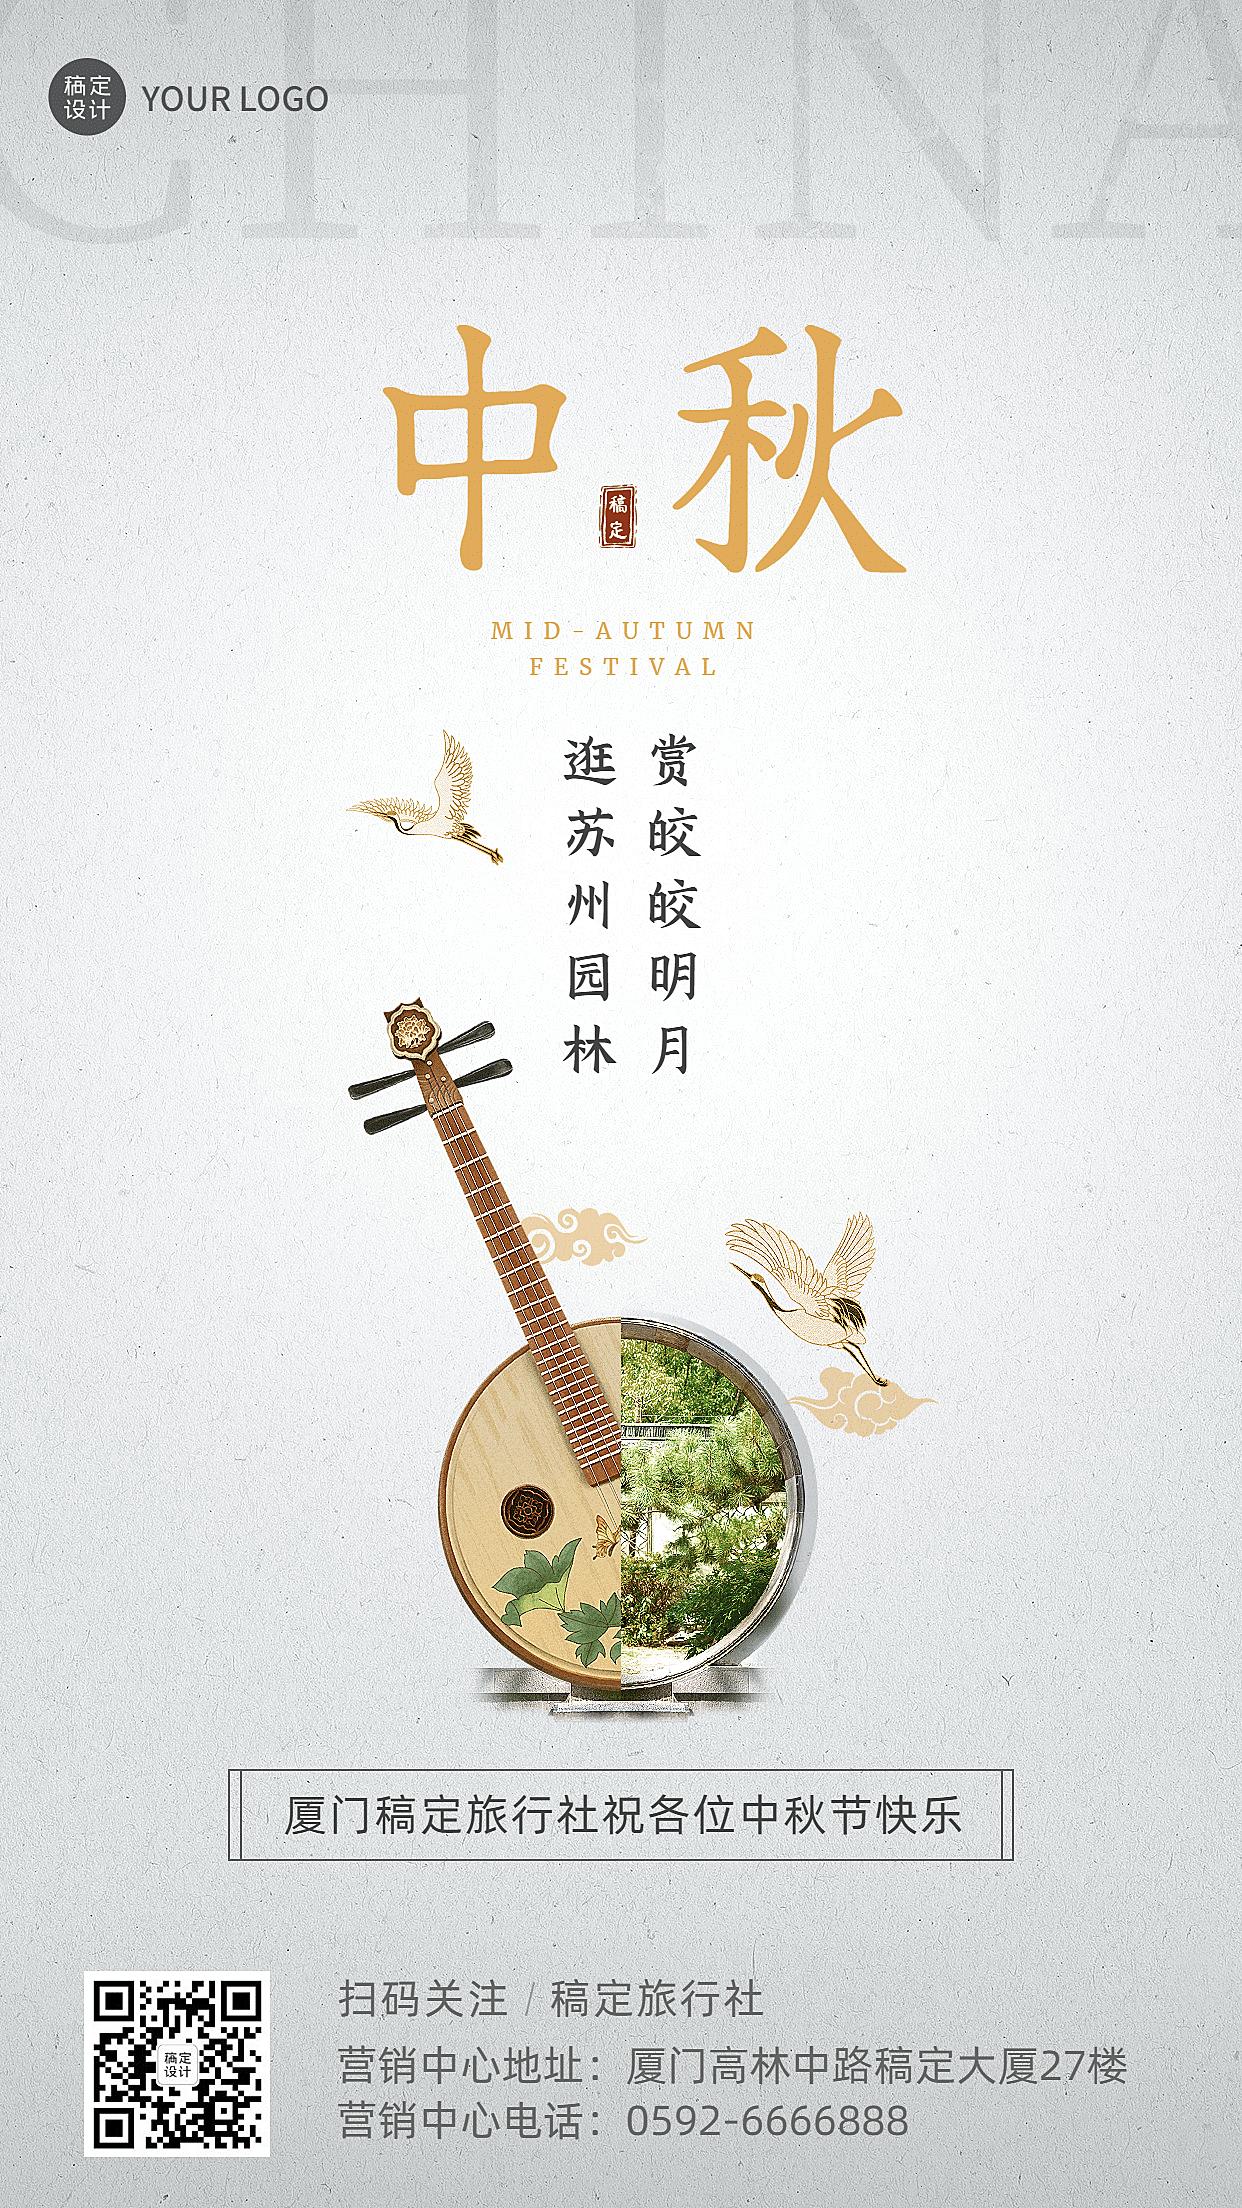 旅游中秋节古风国潮简约祝福海报